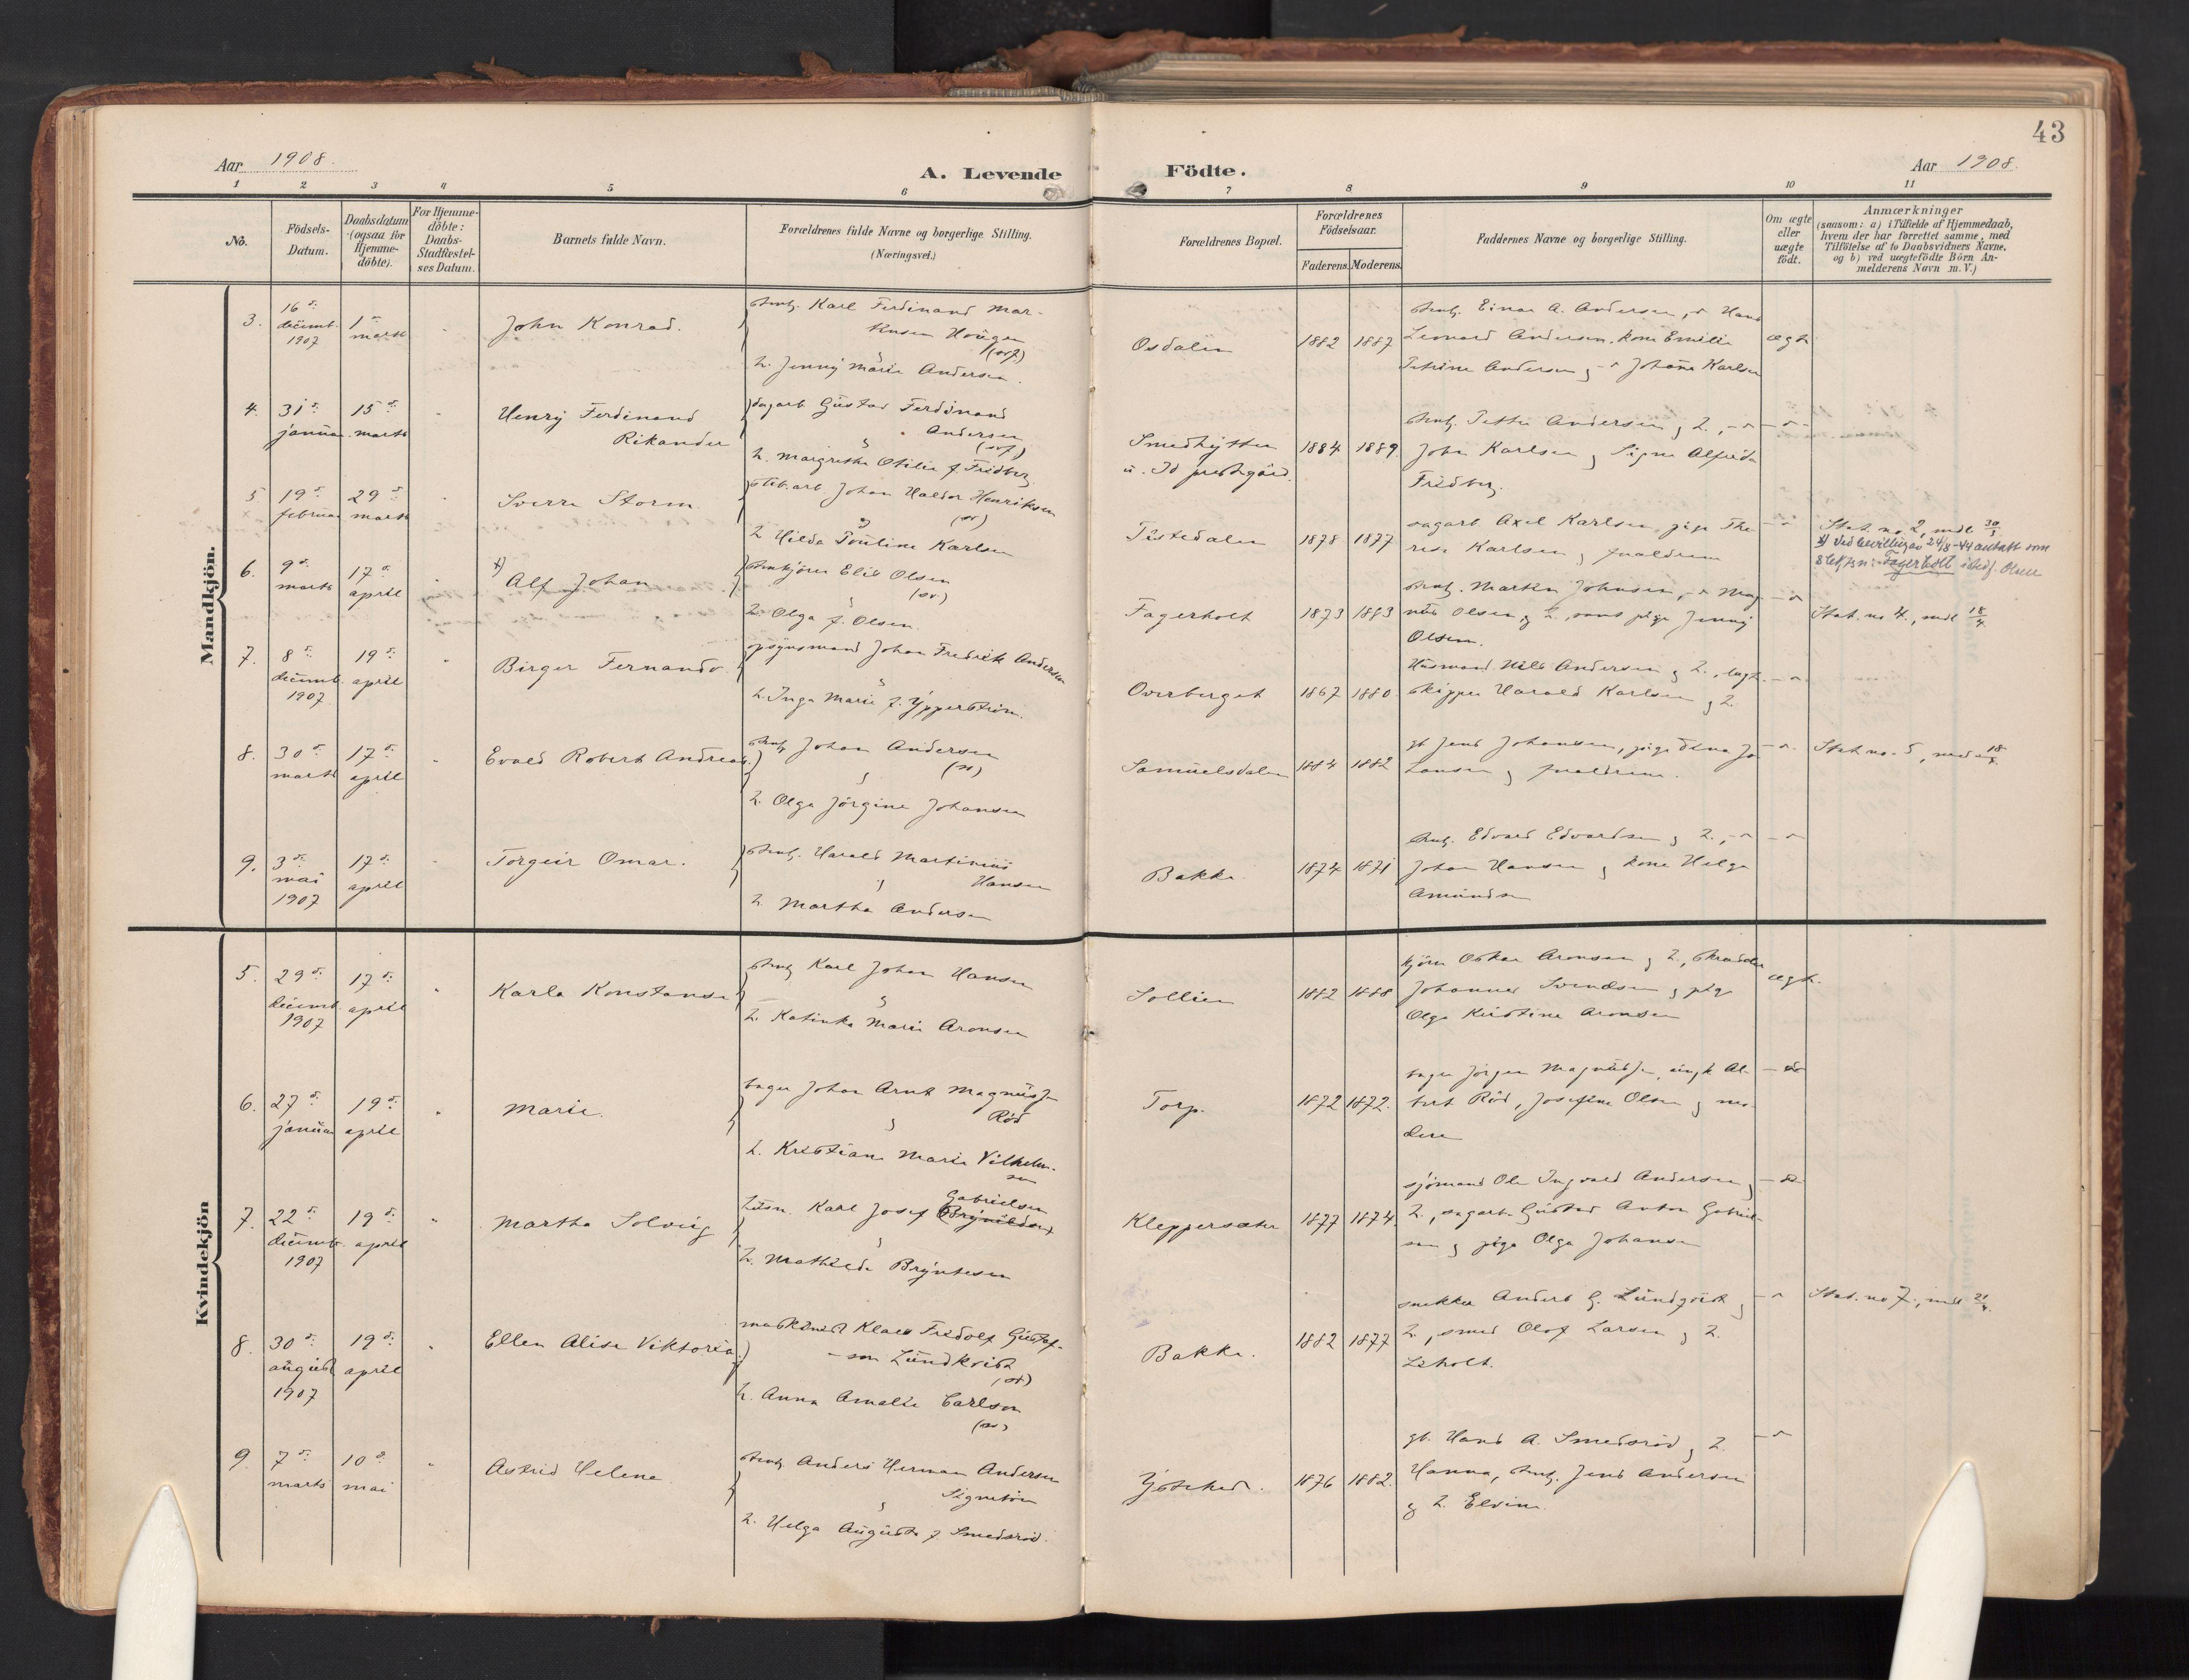 SAO, Idd prestekontor Kirkebøker, F/Fc/L0007: Ministerialbok nr. III 7, 1904-1925, s. 43